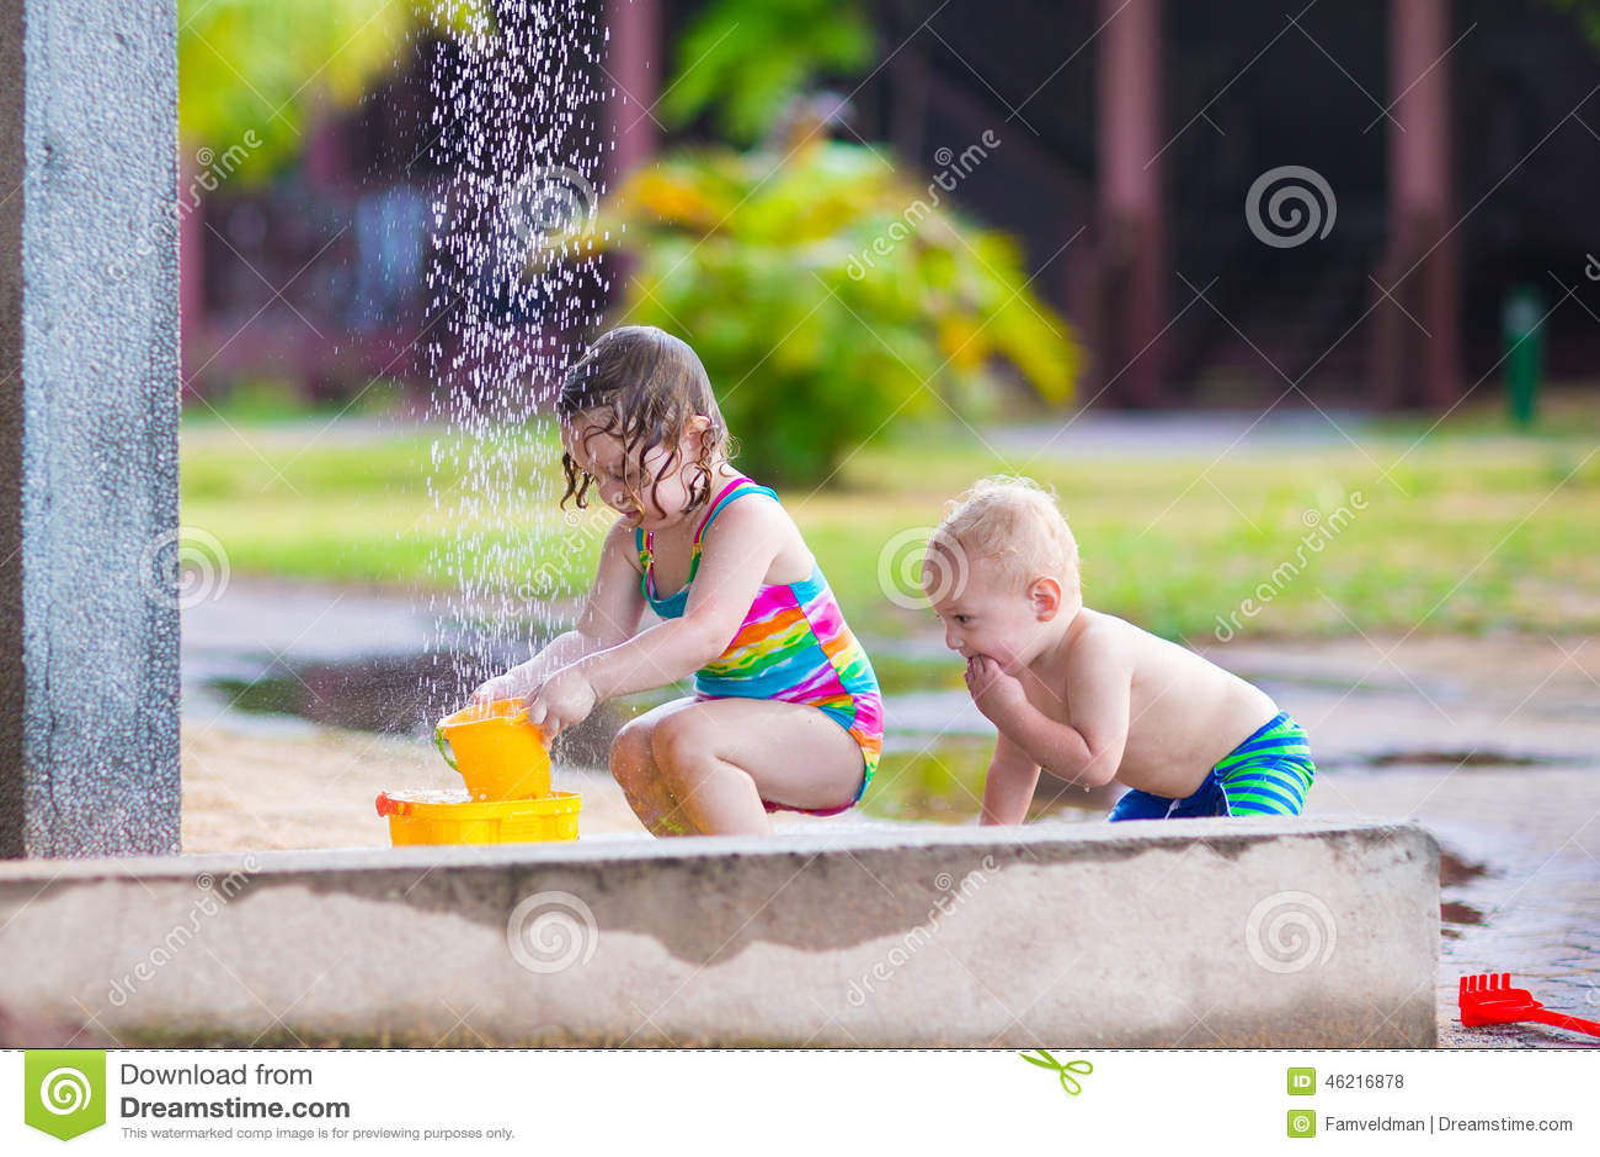 kinder in einer dusche im freien stockfoto bild von m dchen drau en 46216878. Black Bedroom Furniture Sets. Home Design Ideas